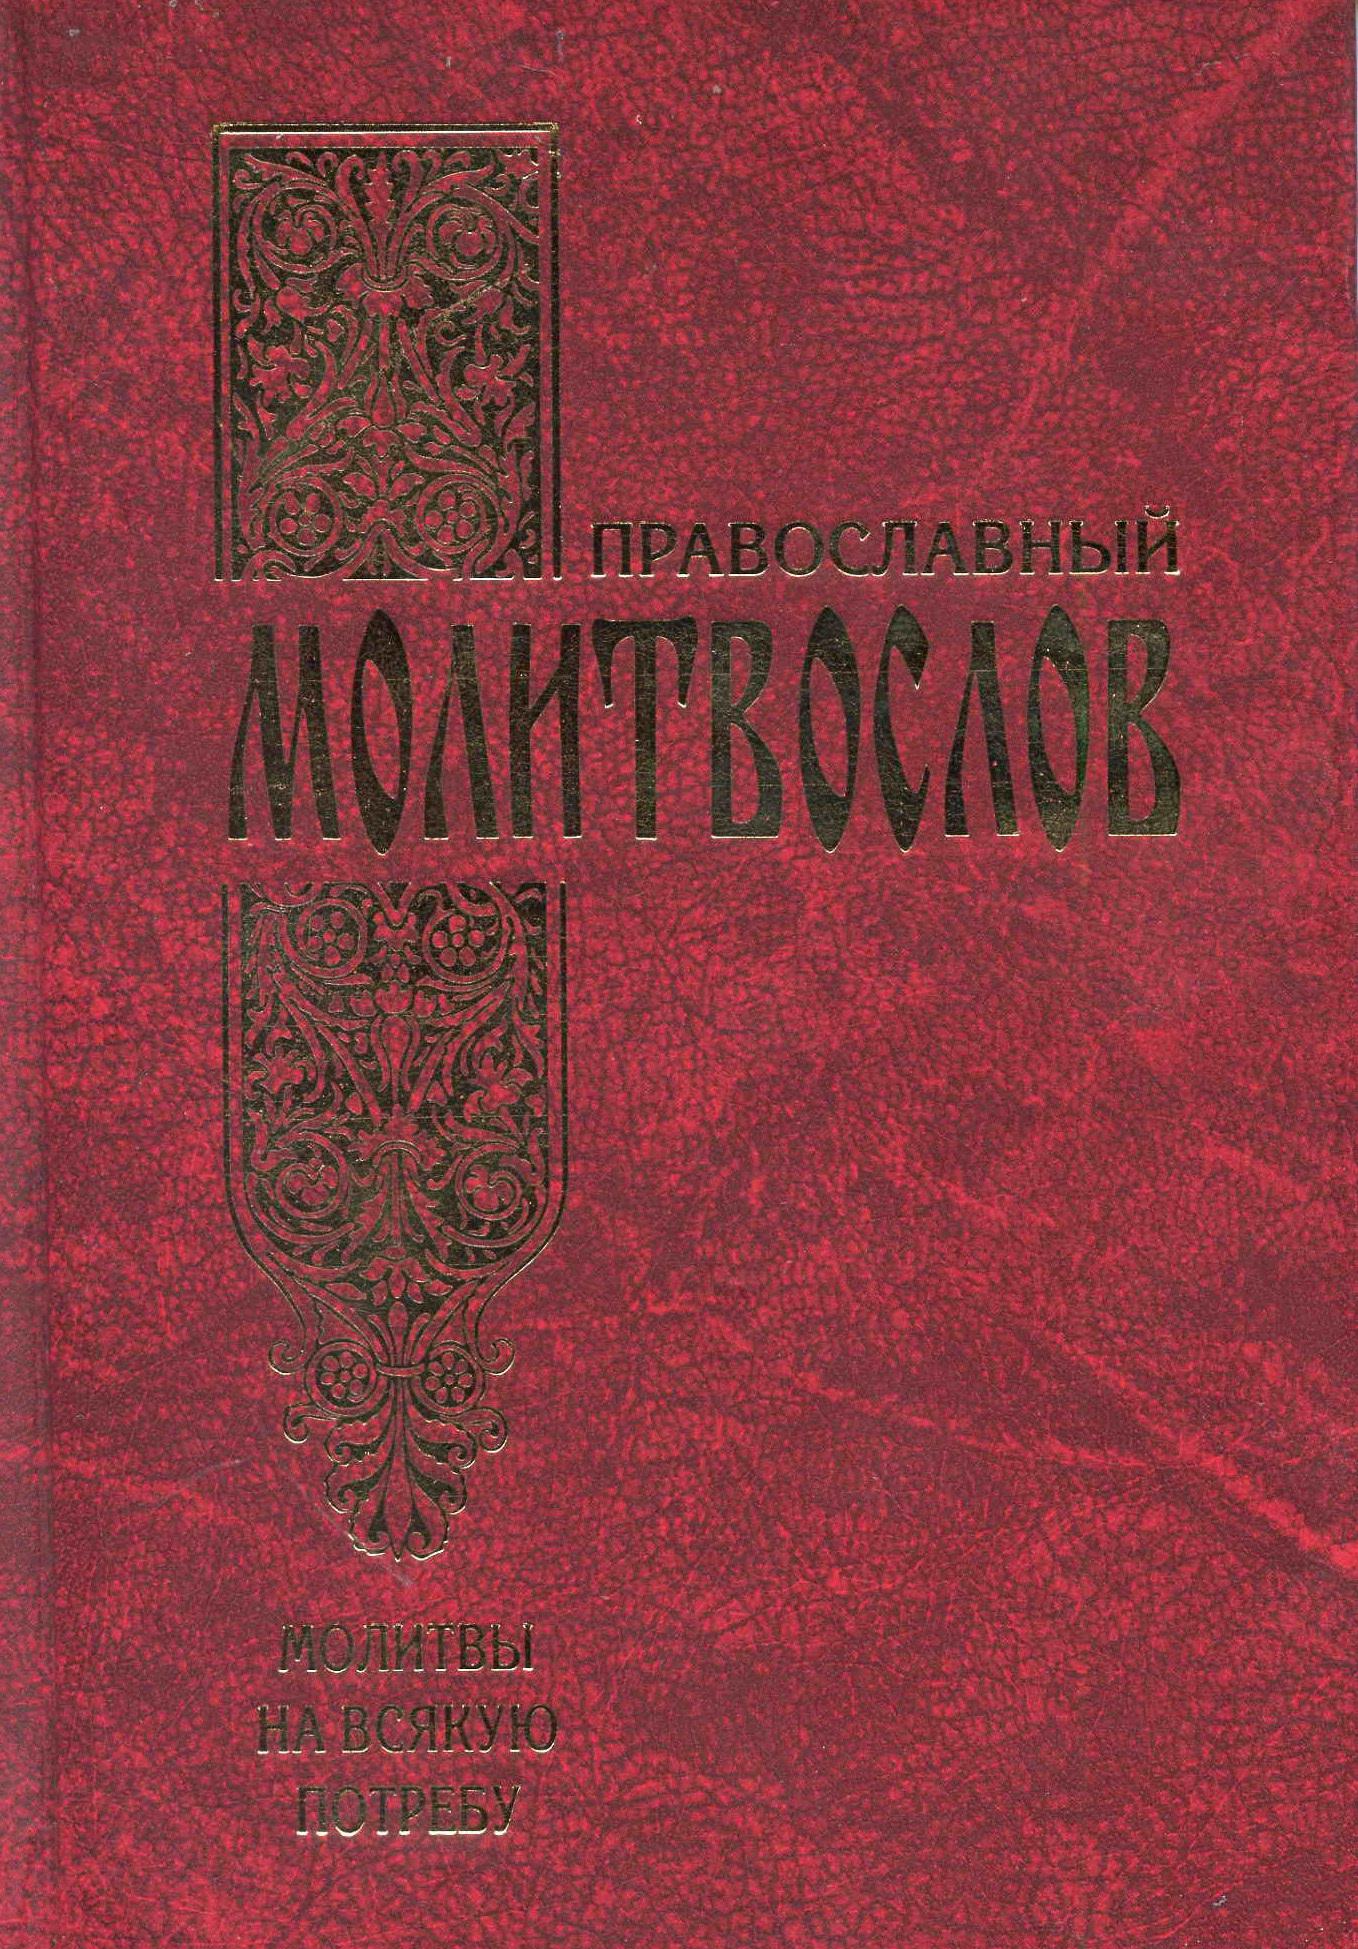 Сборник Православный молитвослов. Молитвы на всякую потребу молитва и ее значение в духовной жизни dvd